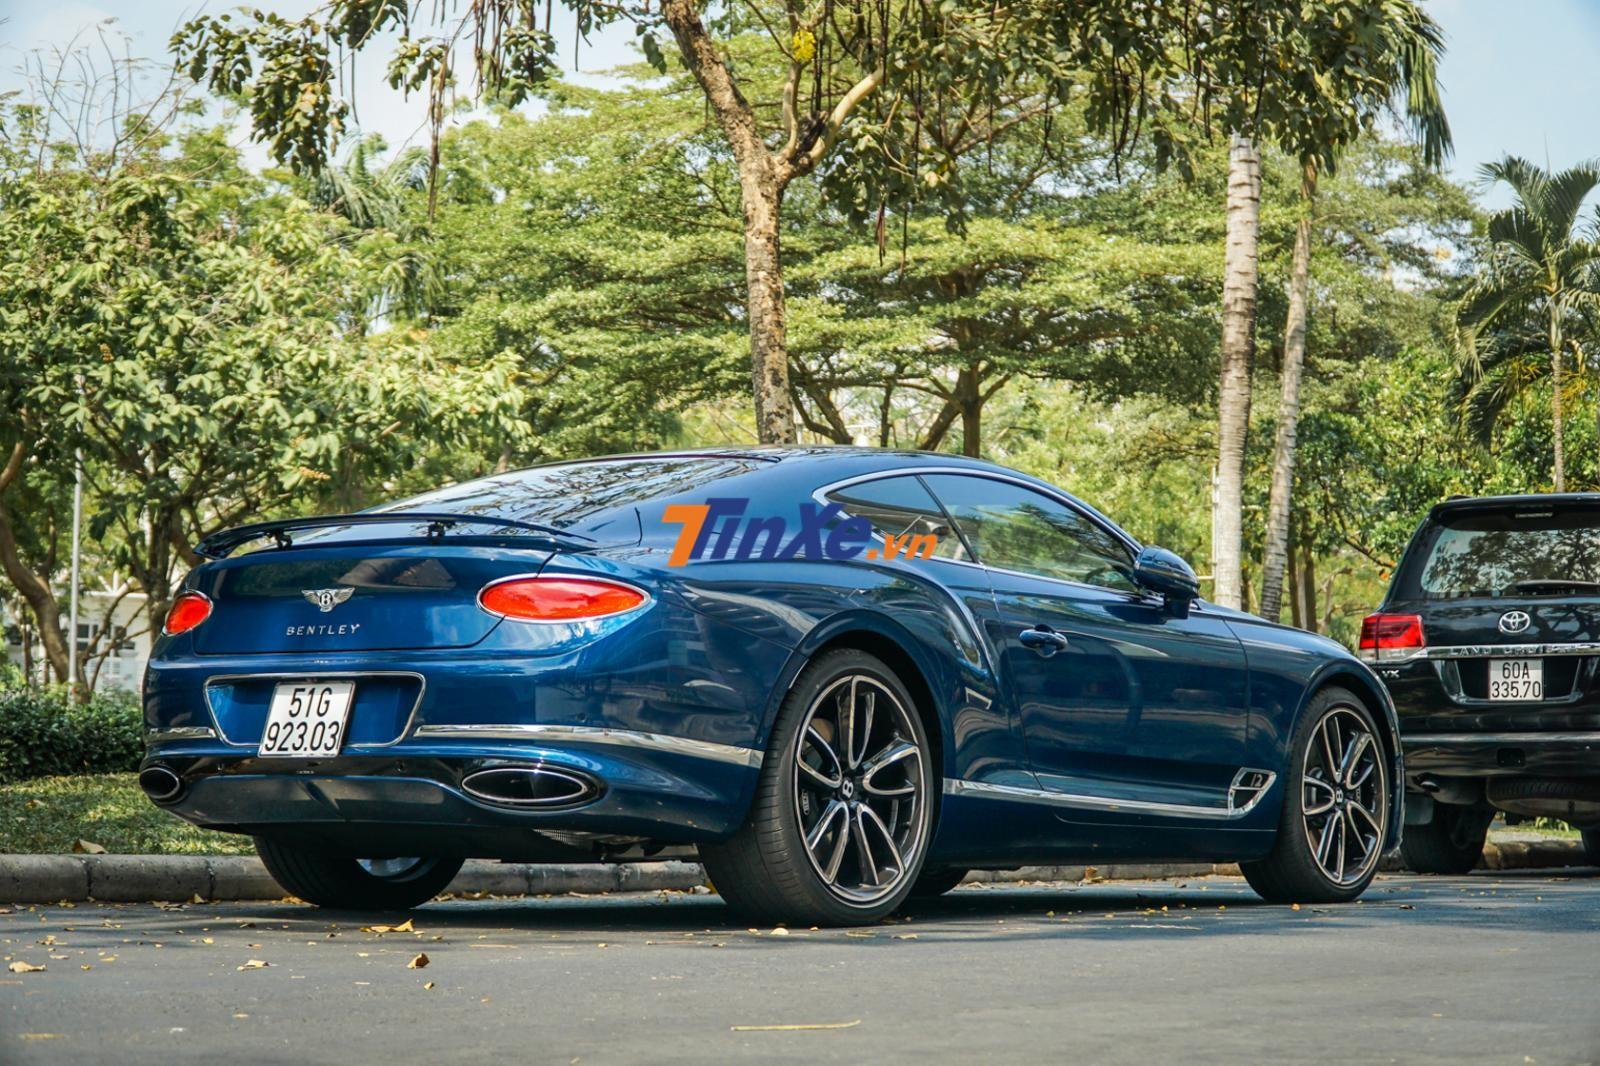 Bentley Continental GT 2018 có khả năng tăng tốc từ 0-100 km/h trong thời gian 3,7 giây